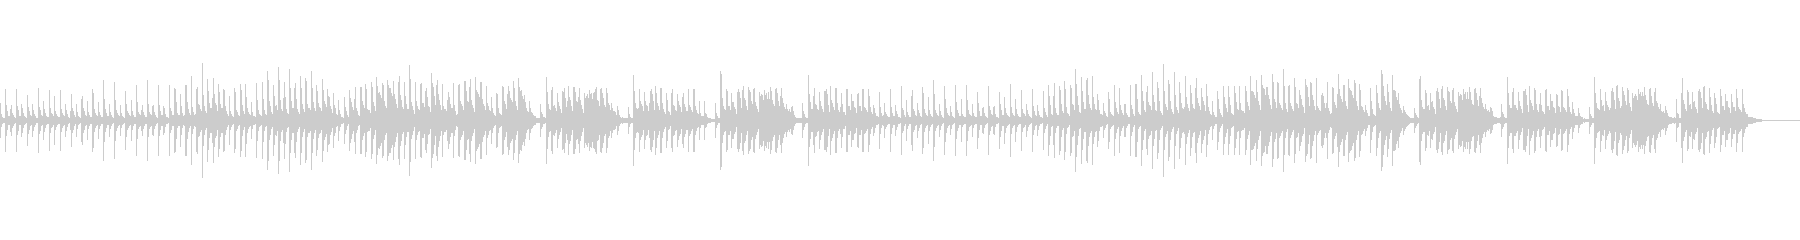 日常生活のBGMの未再生の波形